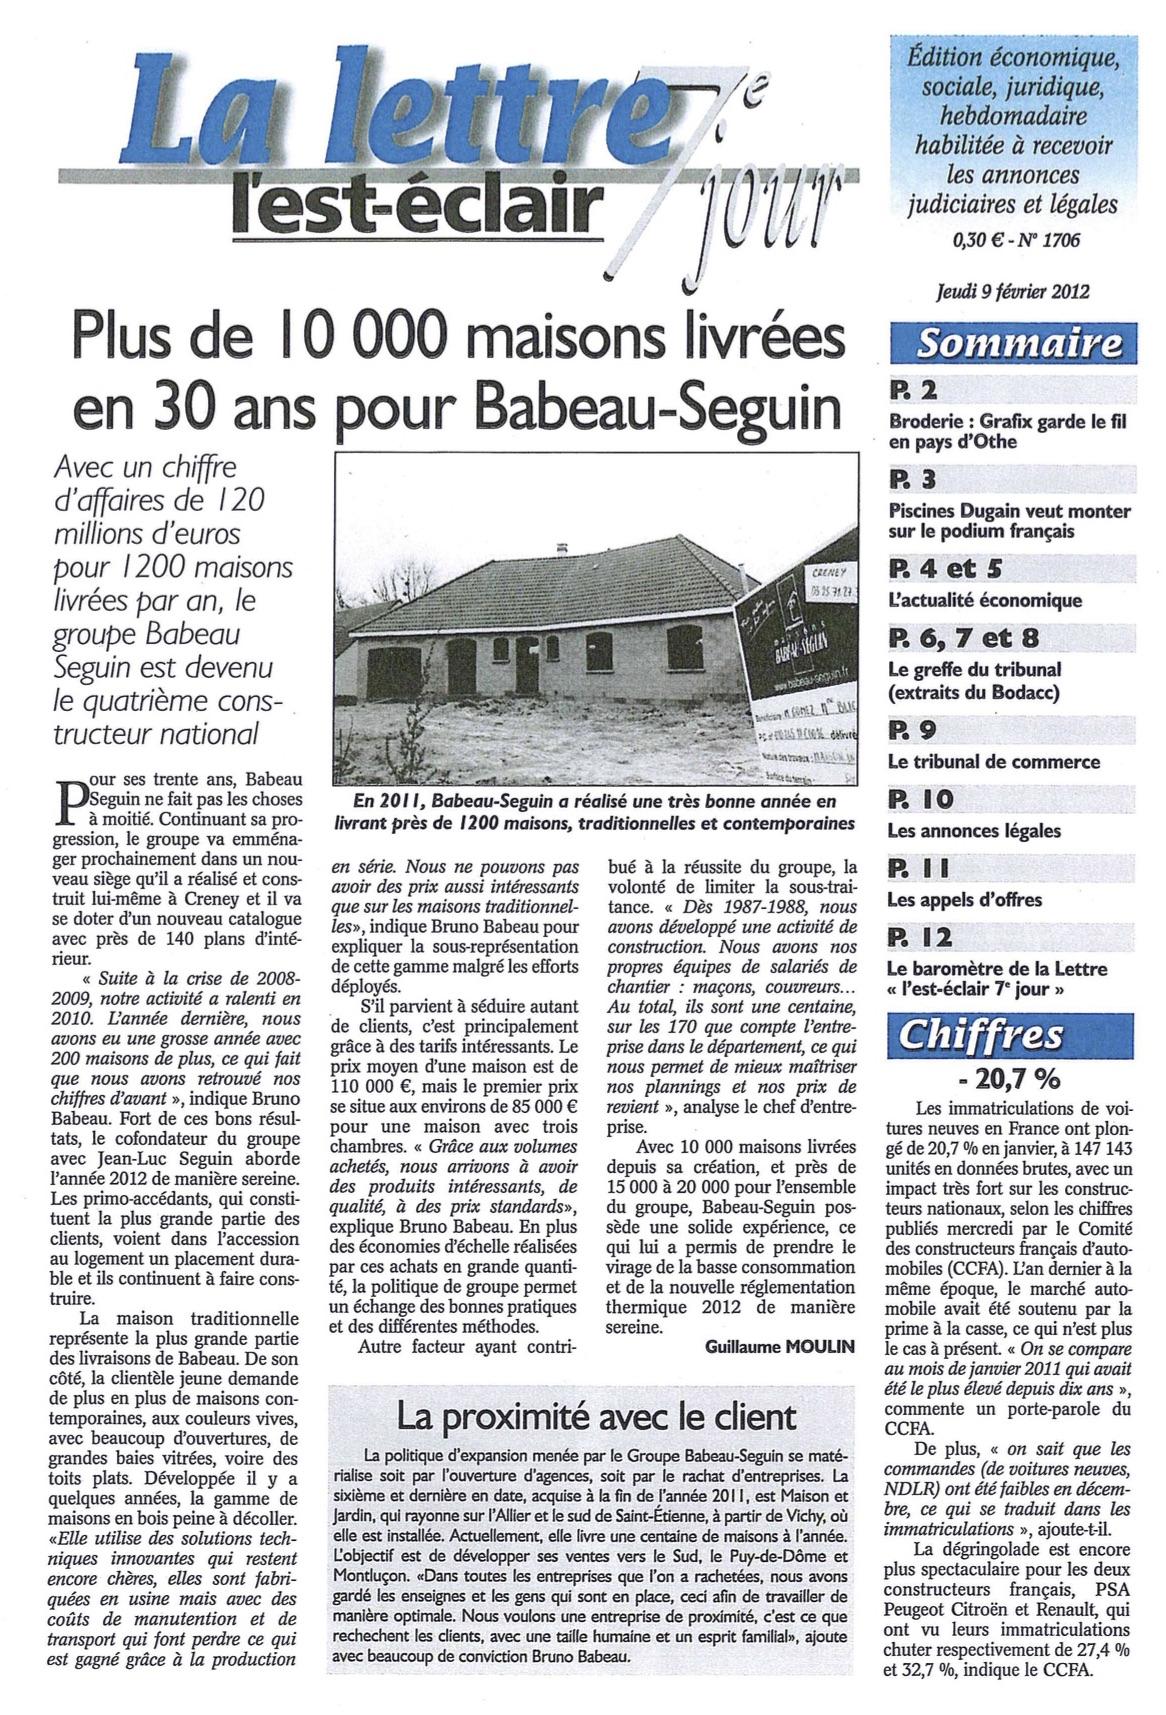 Est Eclair Babeau Seguin 9 fevrier 2012